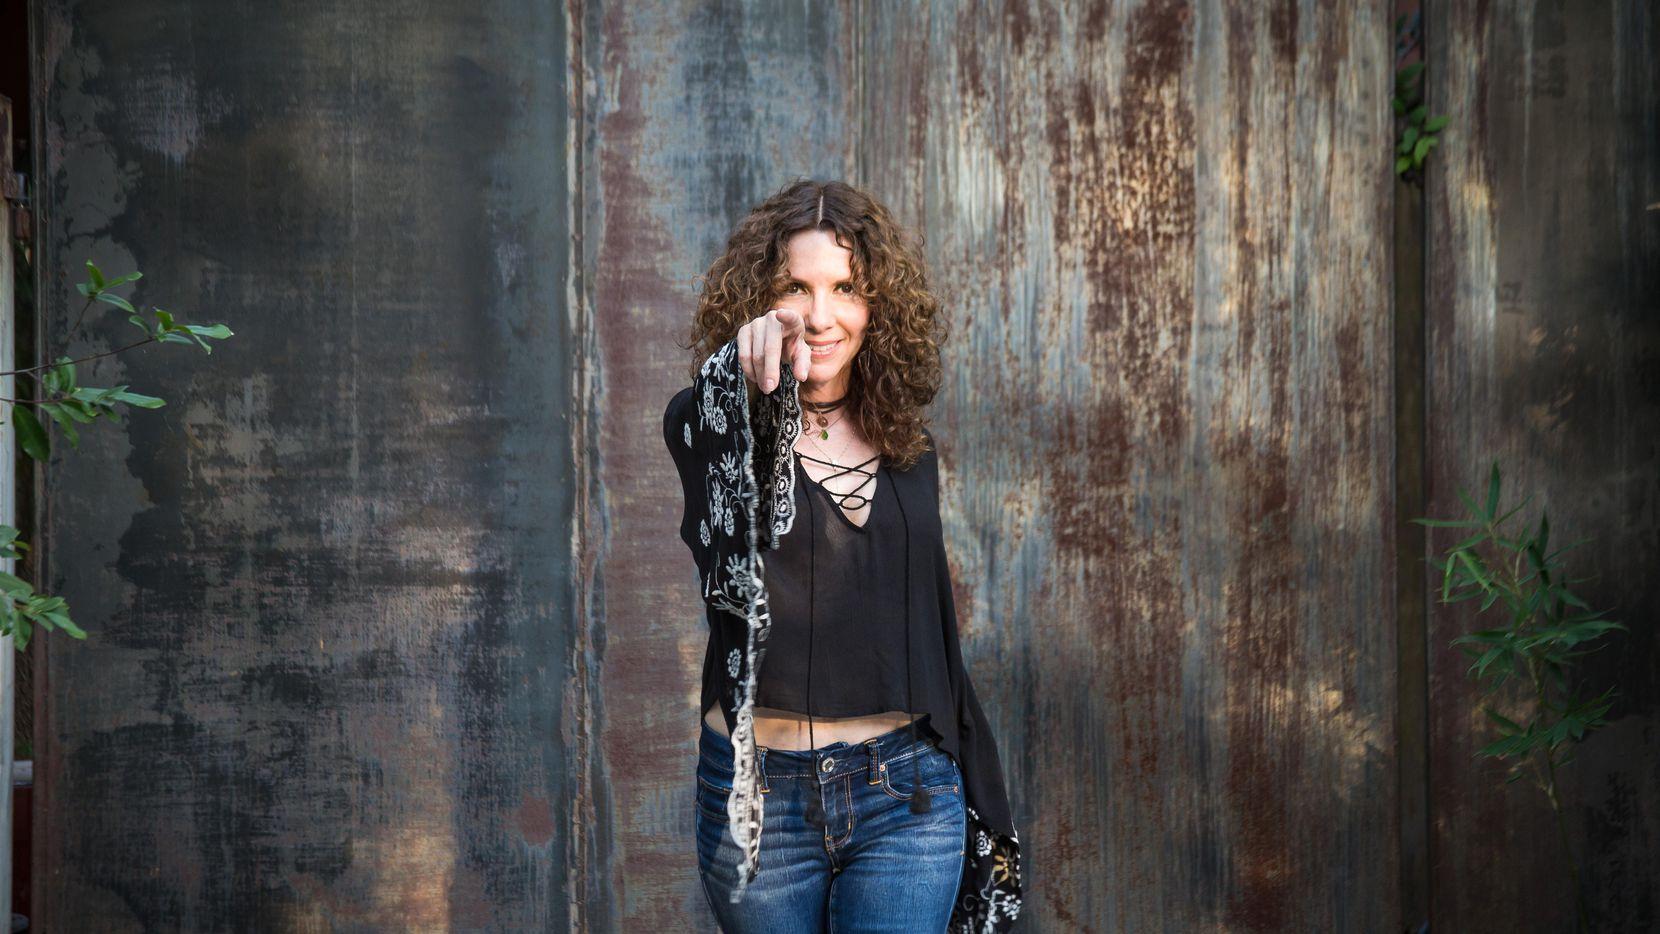 Lisa Morales se presenta el jueves en The House of Blues de Dallas.(Gabriella Micene)